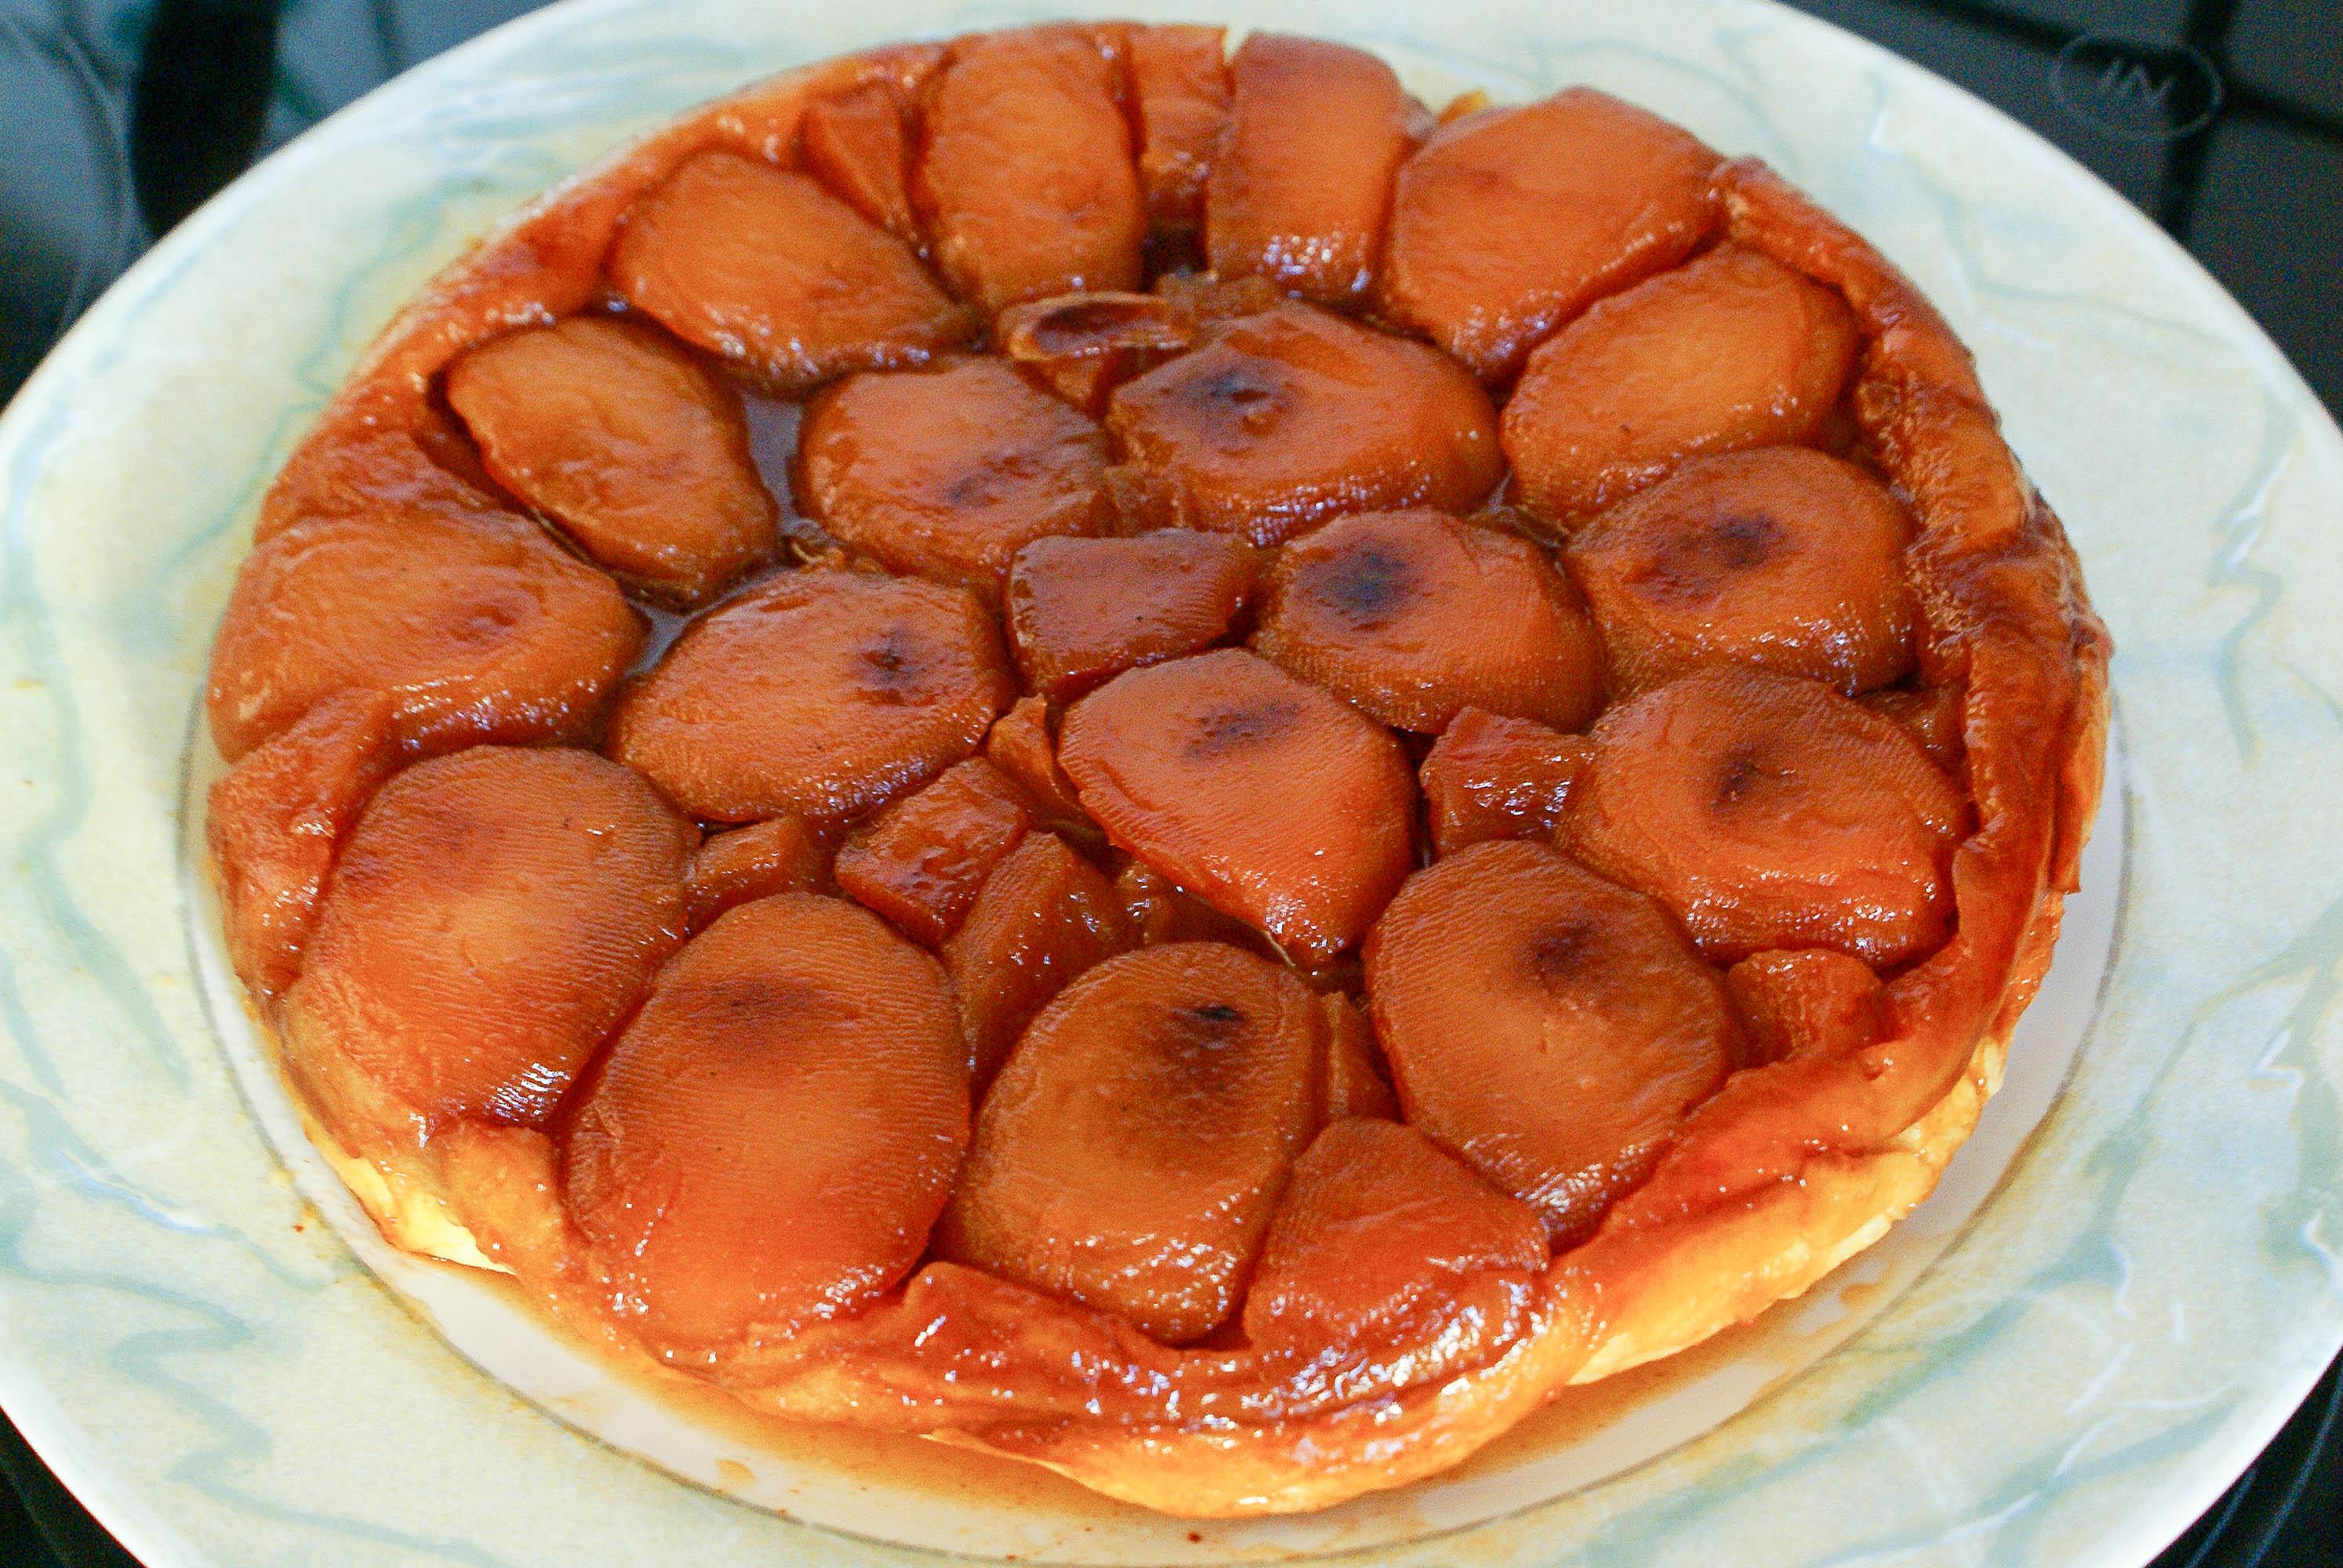 Tarte tatin recette de la tarte tatin tarte aux pommes - Comment couper des pommes pour une tarte ...